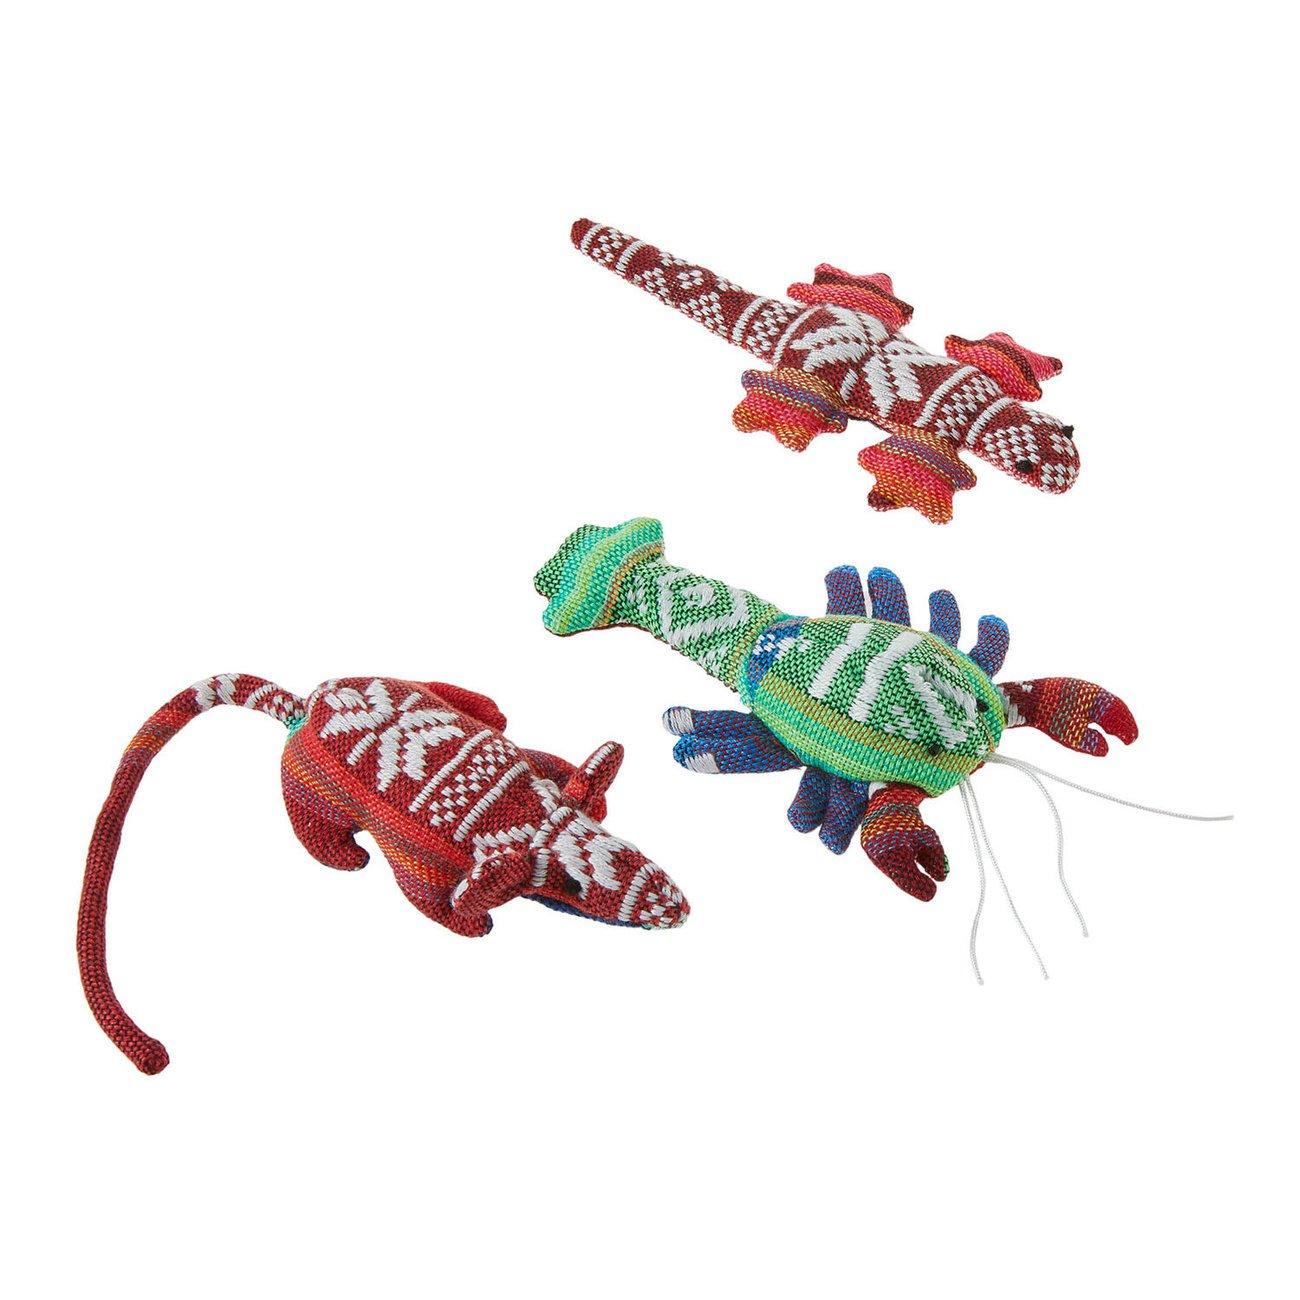 Wolters Katzenspass Spielzeug mit Baldrian, Bild 2